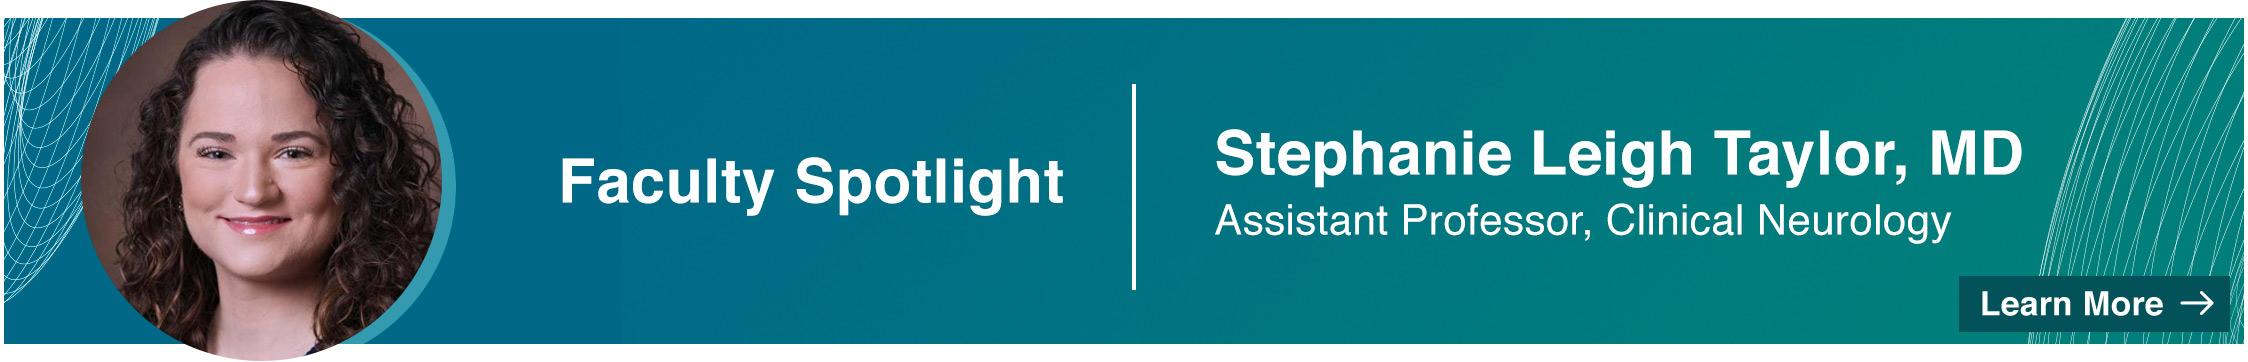 Faculty Spotlight - Stephanie Leigh Taylor, MD